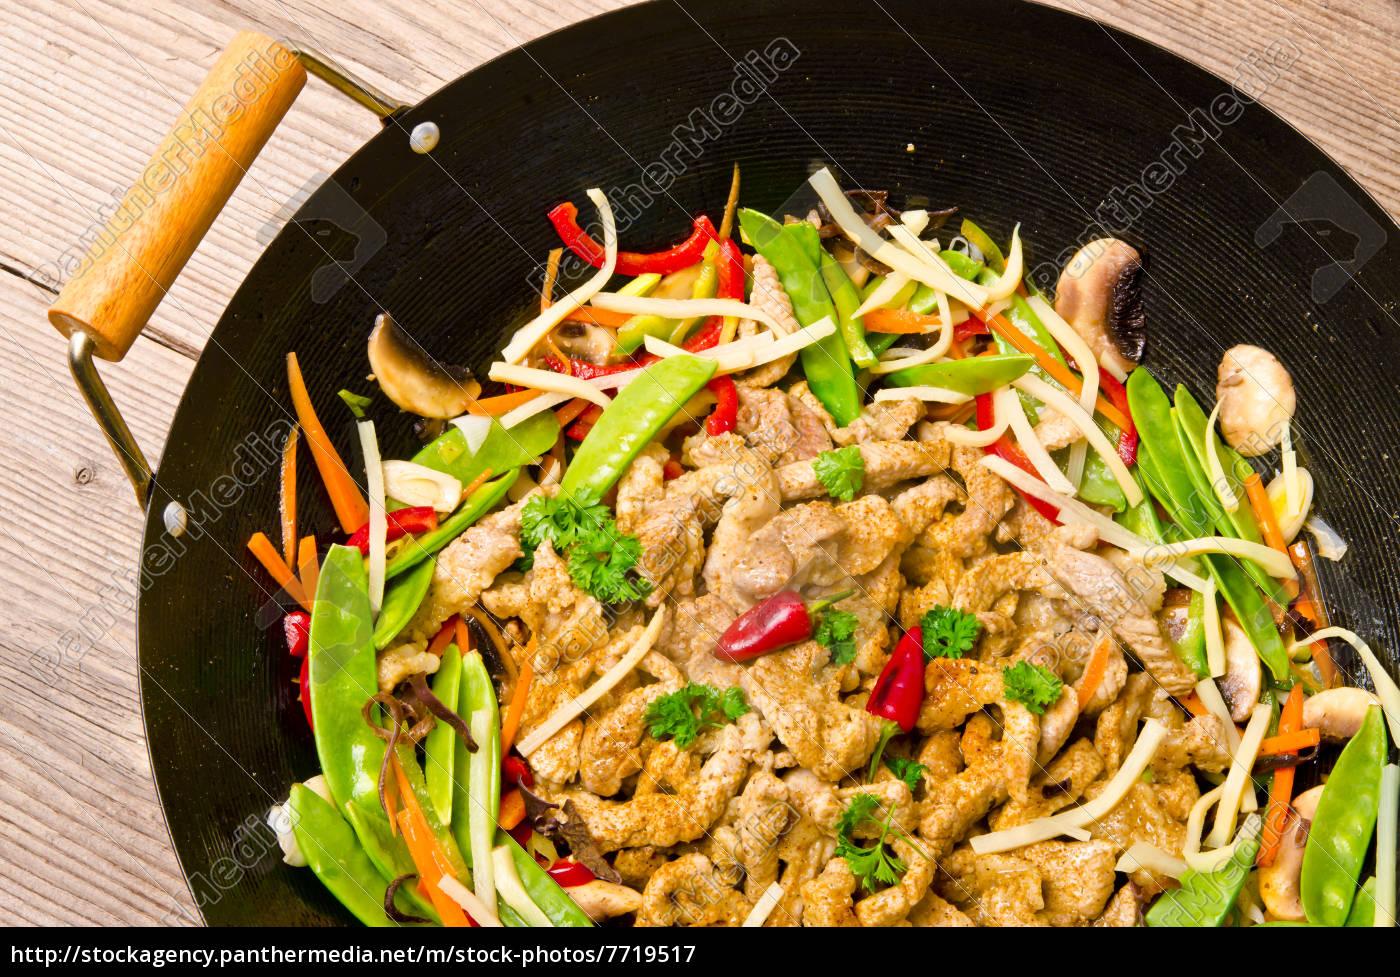 frigideira, do, wok - 7719517